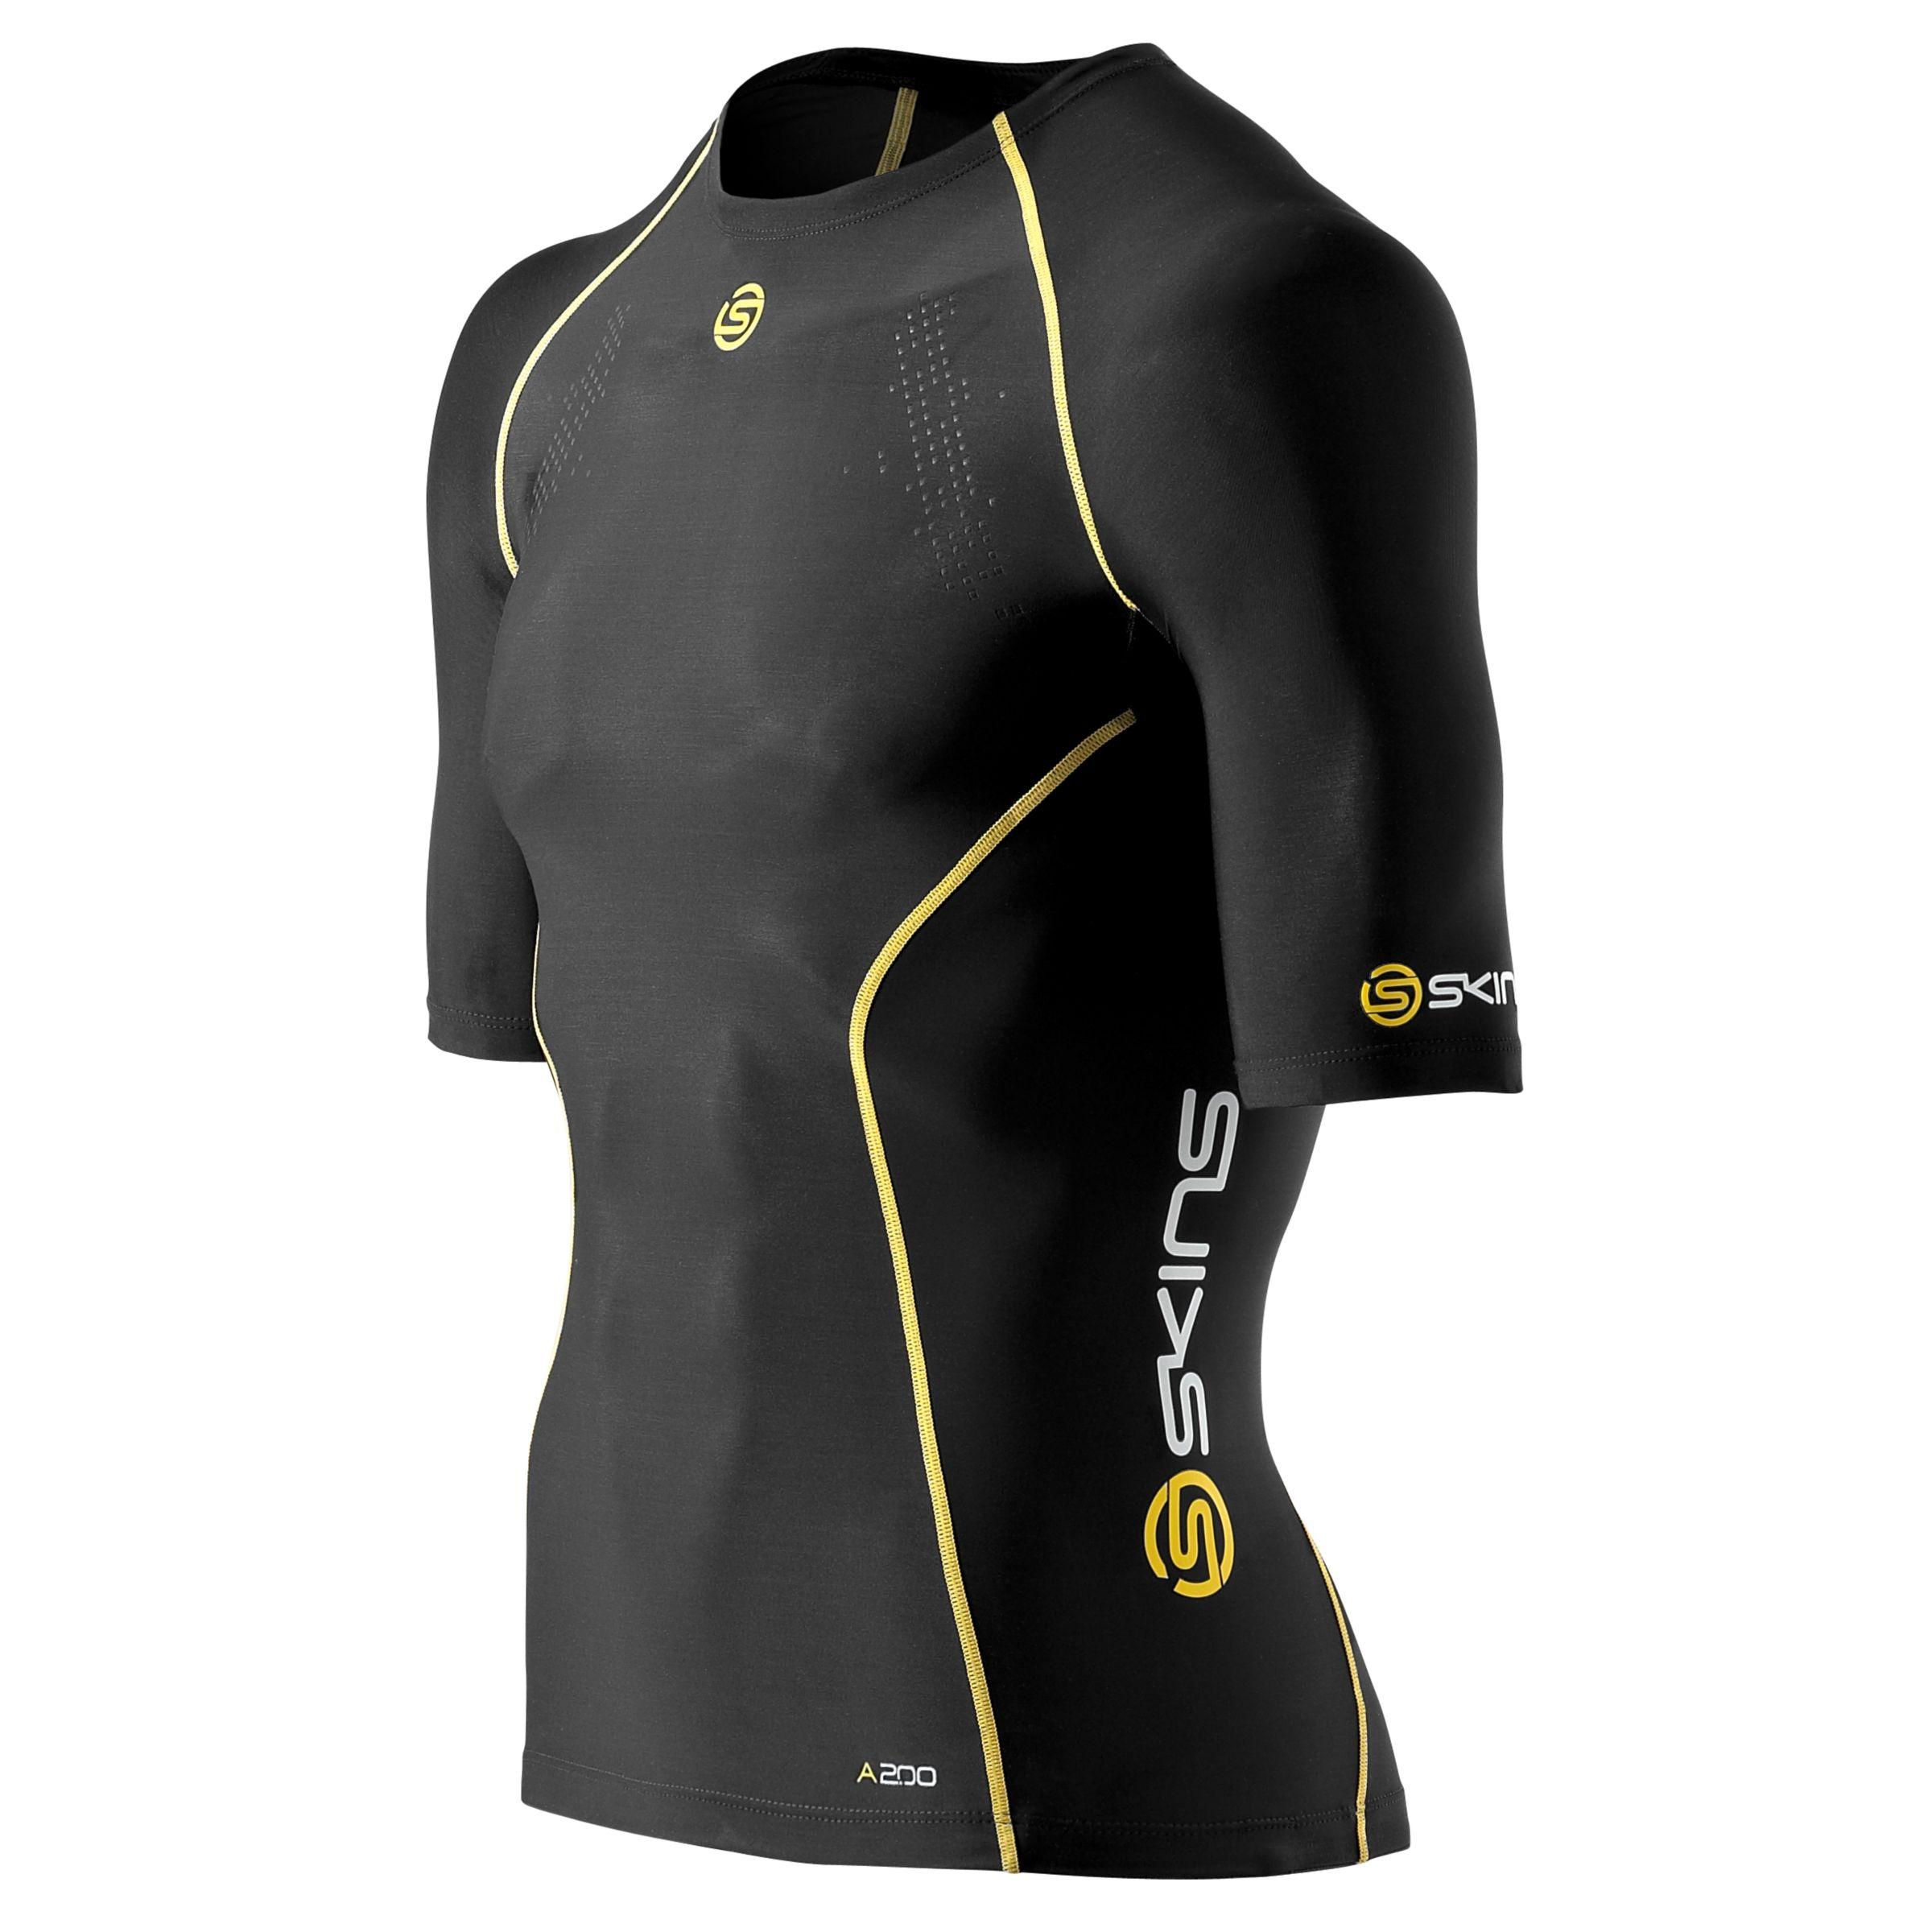 Skins Skins Men's A200 Compression Short Sleeve Top